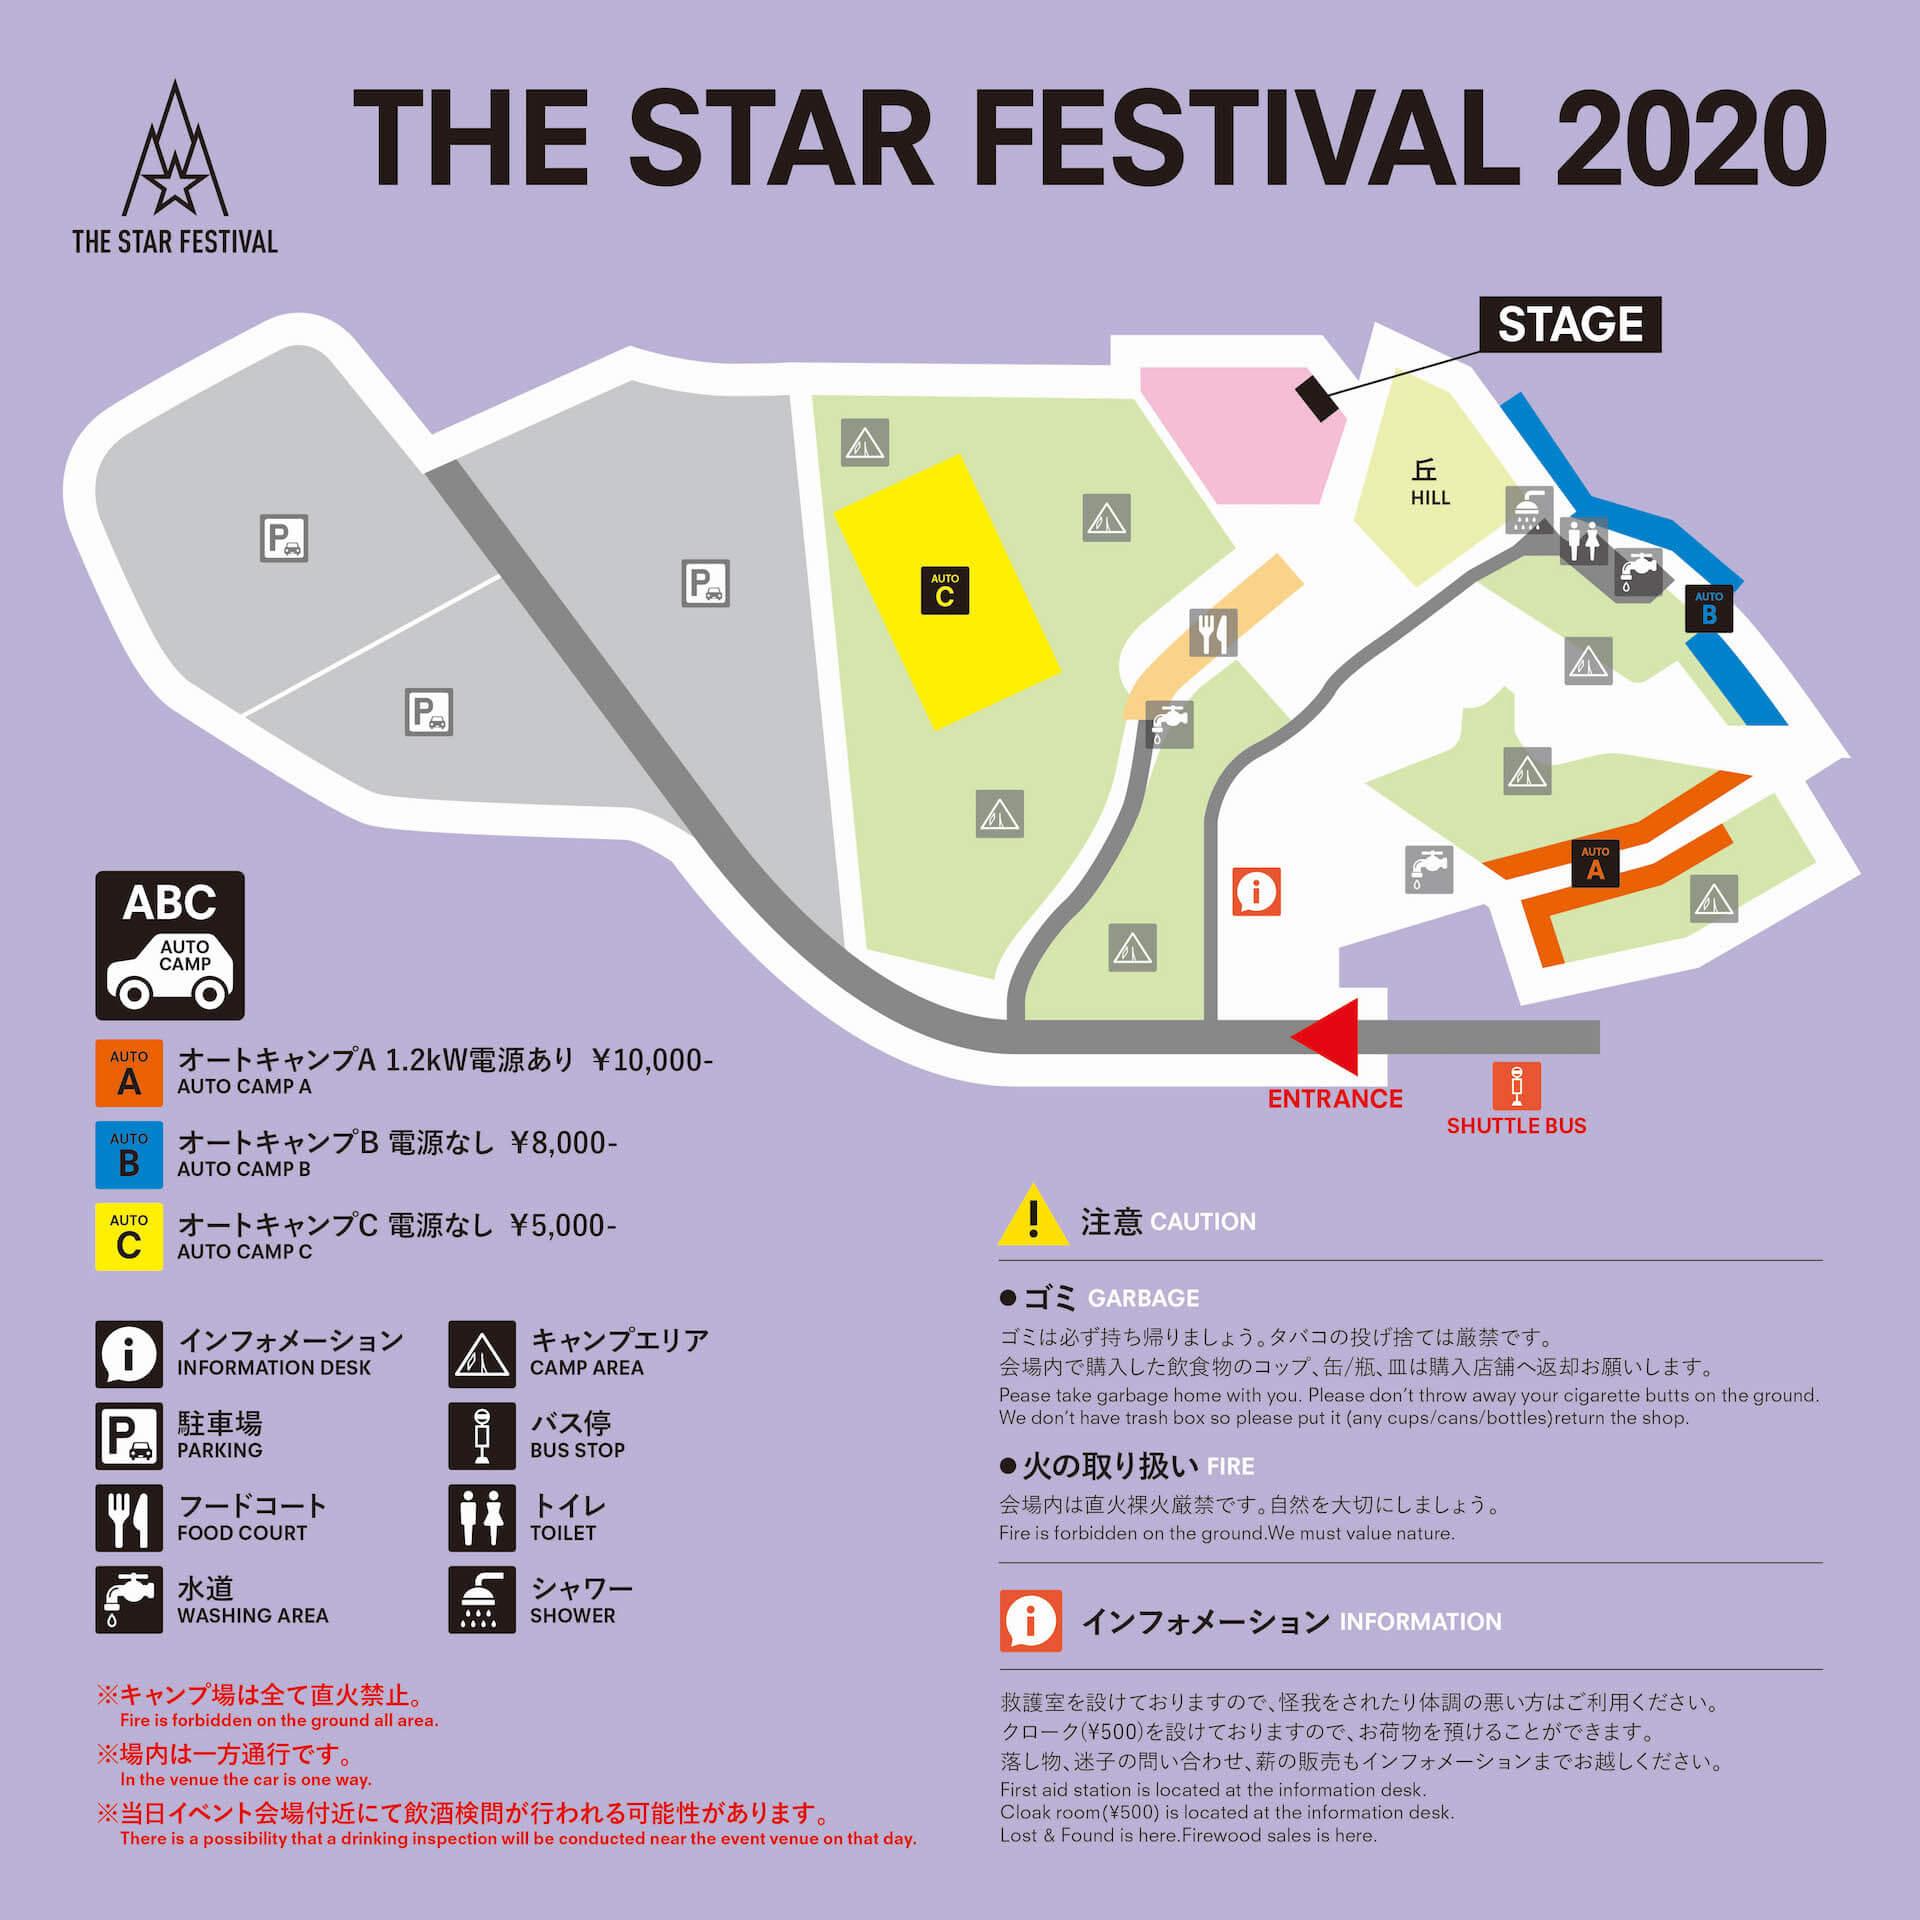 <STAR FESTIVAL 2020>が開催決定!今年もスチールの森京都で敢行 music200120_starfestival_2